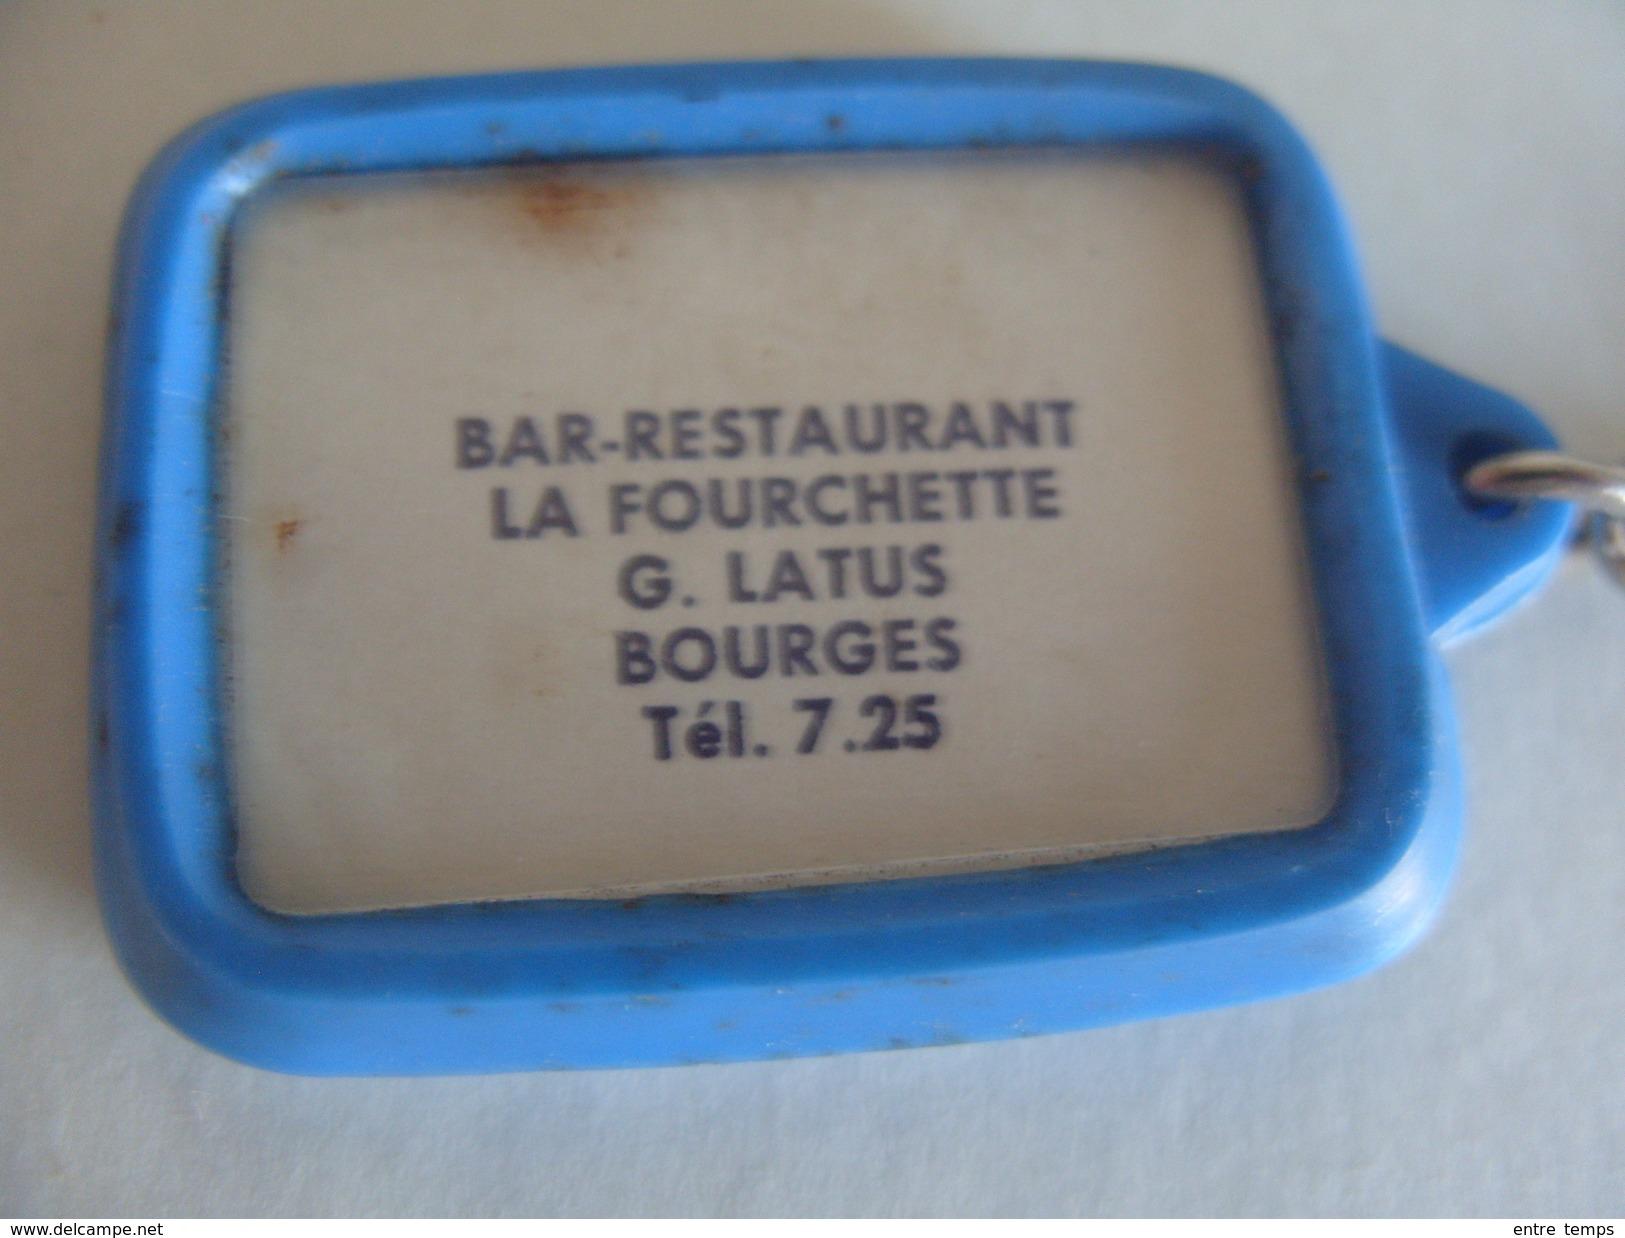 Bourges Café Restaurant Routier La Fourchette Latus Propriétaire - Porte-clefs